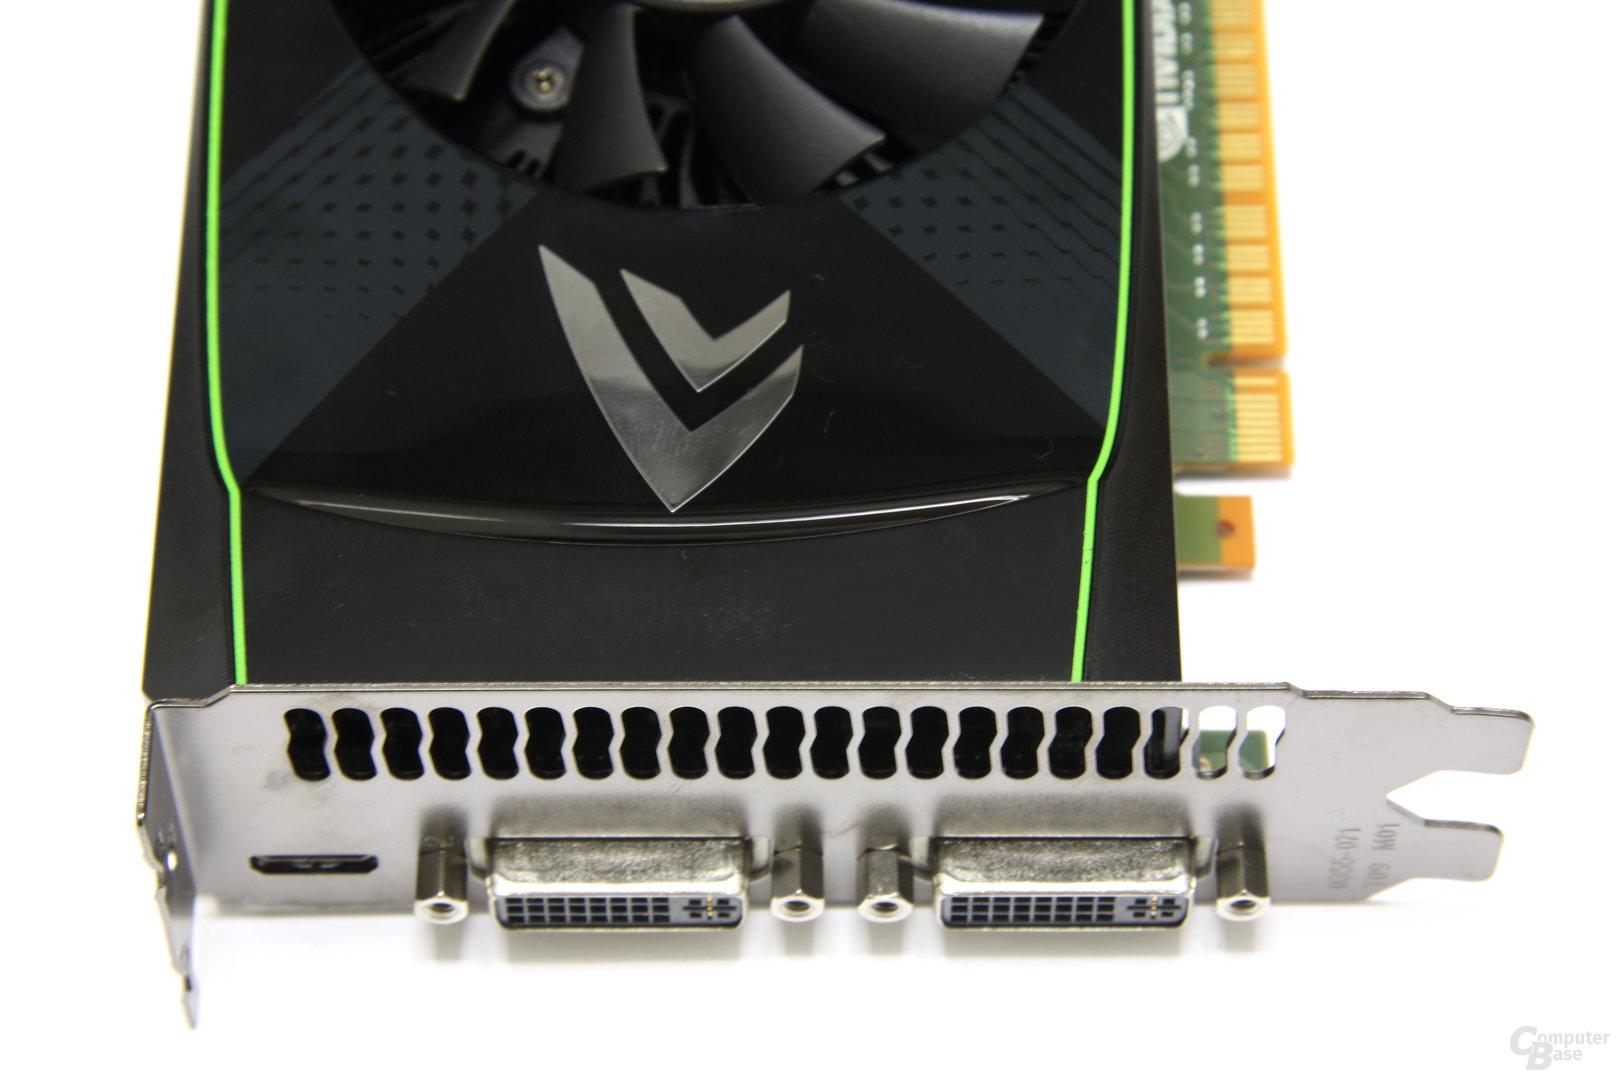 GeForce GTS 450 Anschlüsse